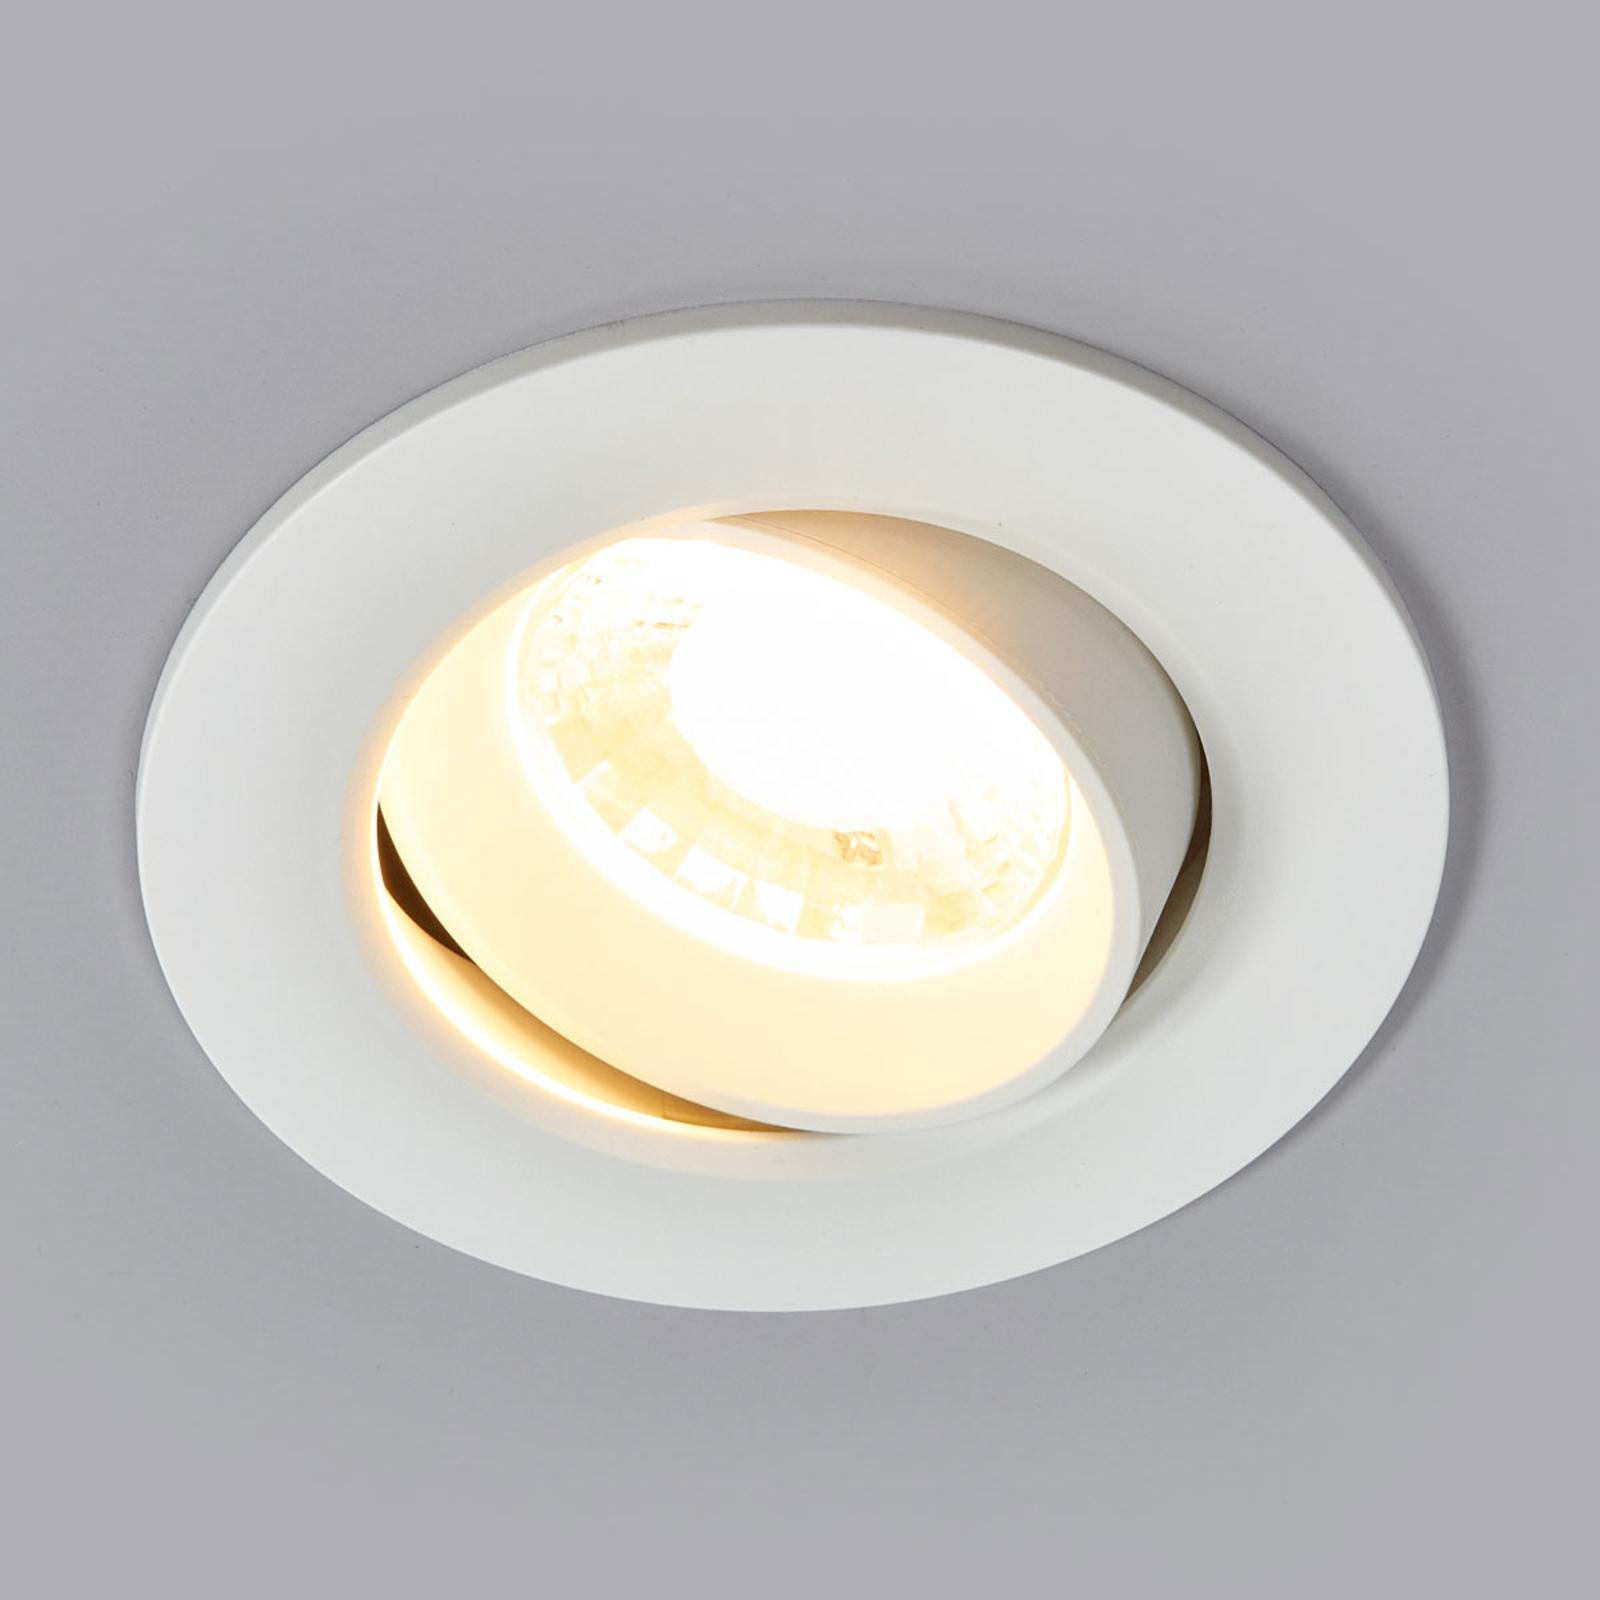 Hvid LED-indbygningsspot Quentin